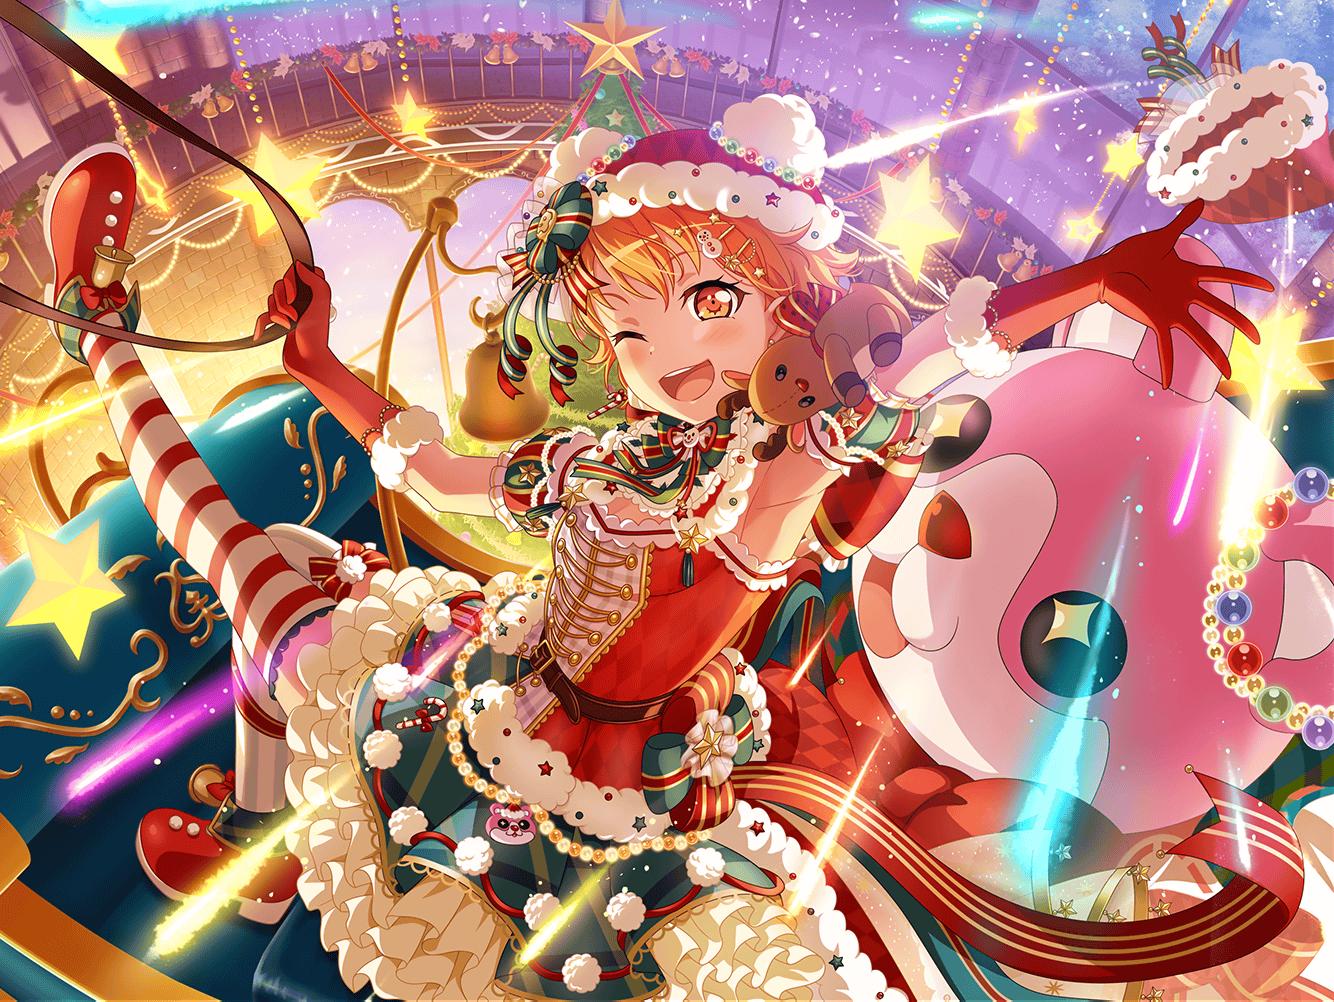 メリーパーティ 北沢 はぐみ バンドリ ガールズバンドパーティ db ガルパdb アニメの女の子猫 バンドリ ガールズバンド